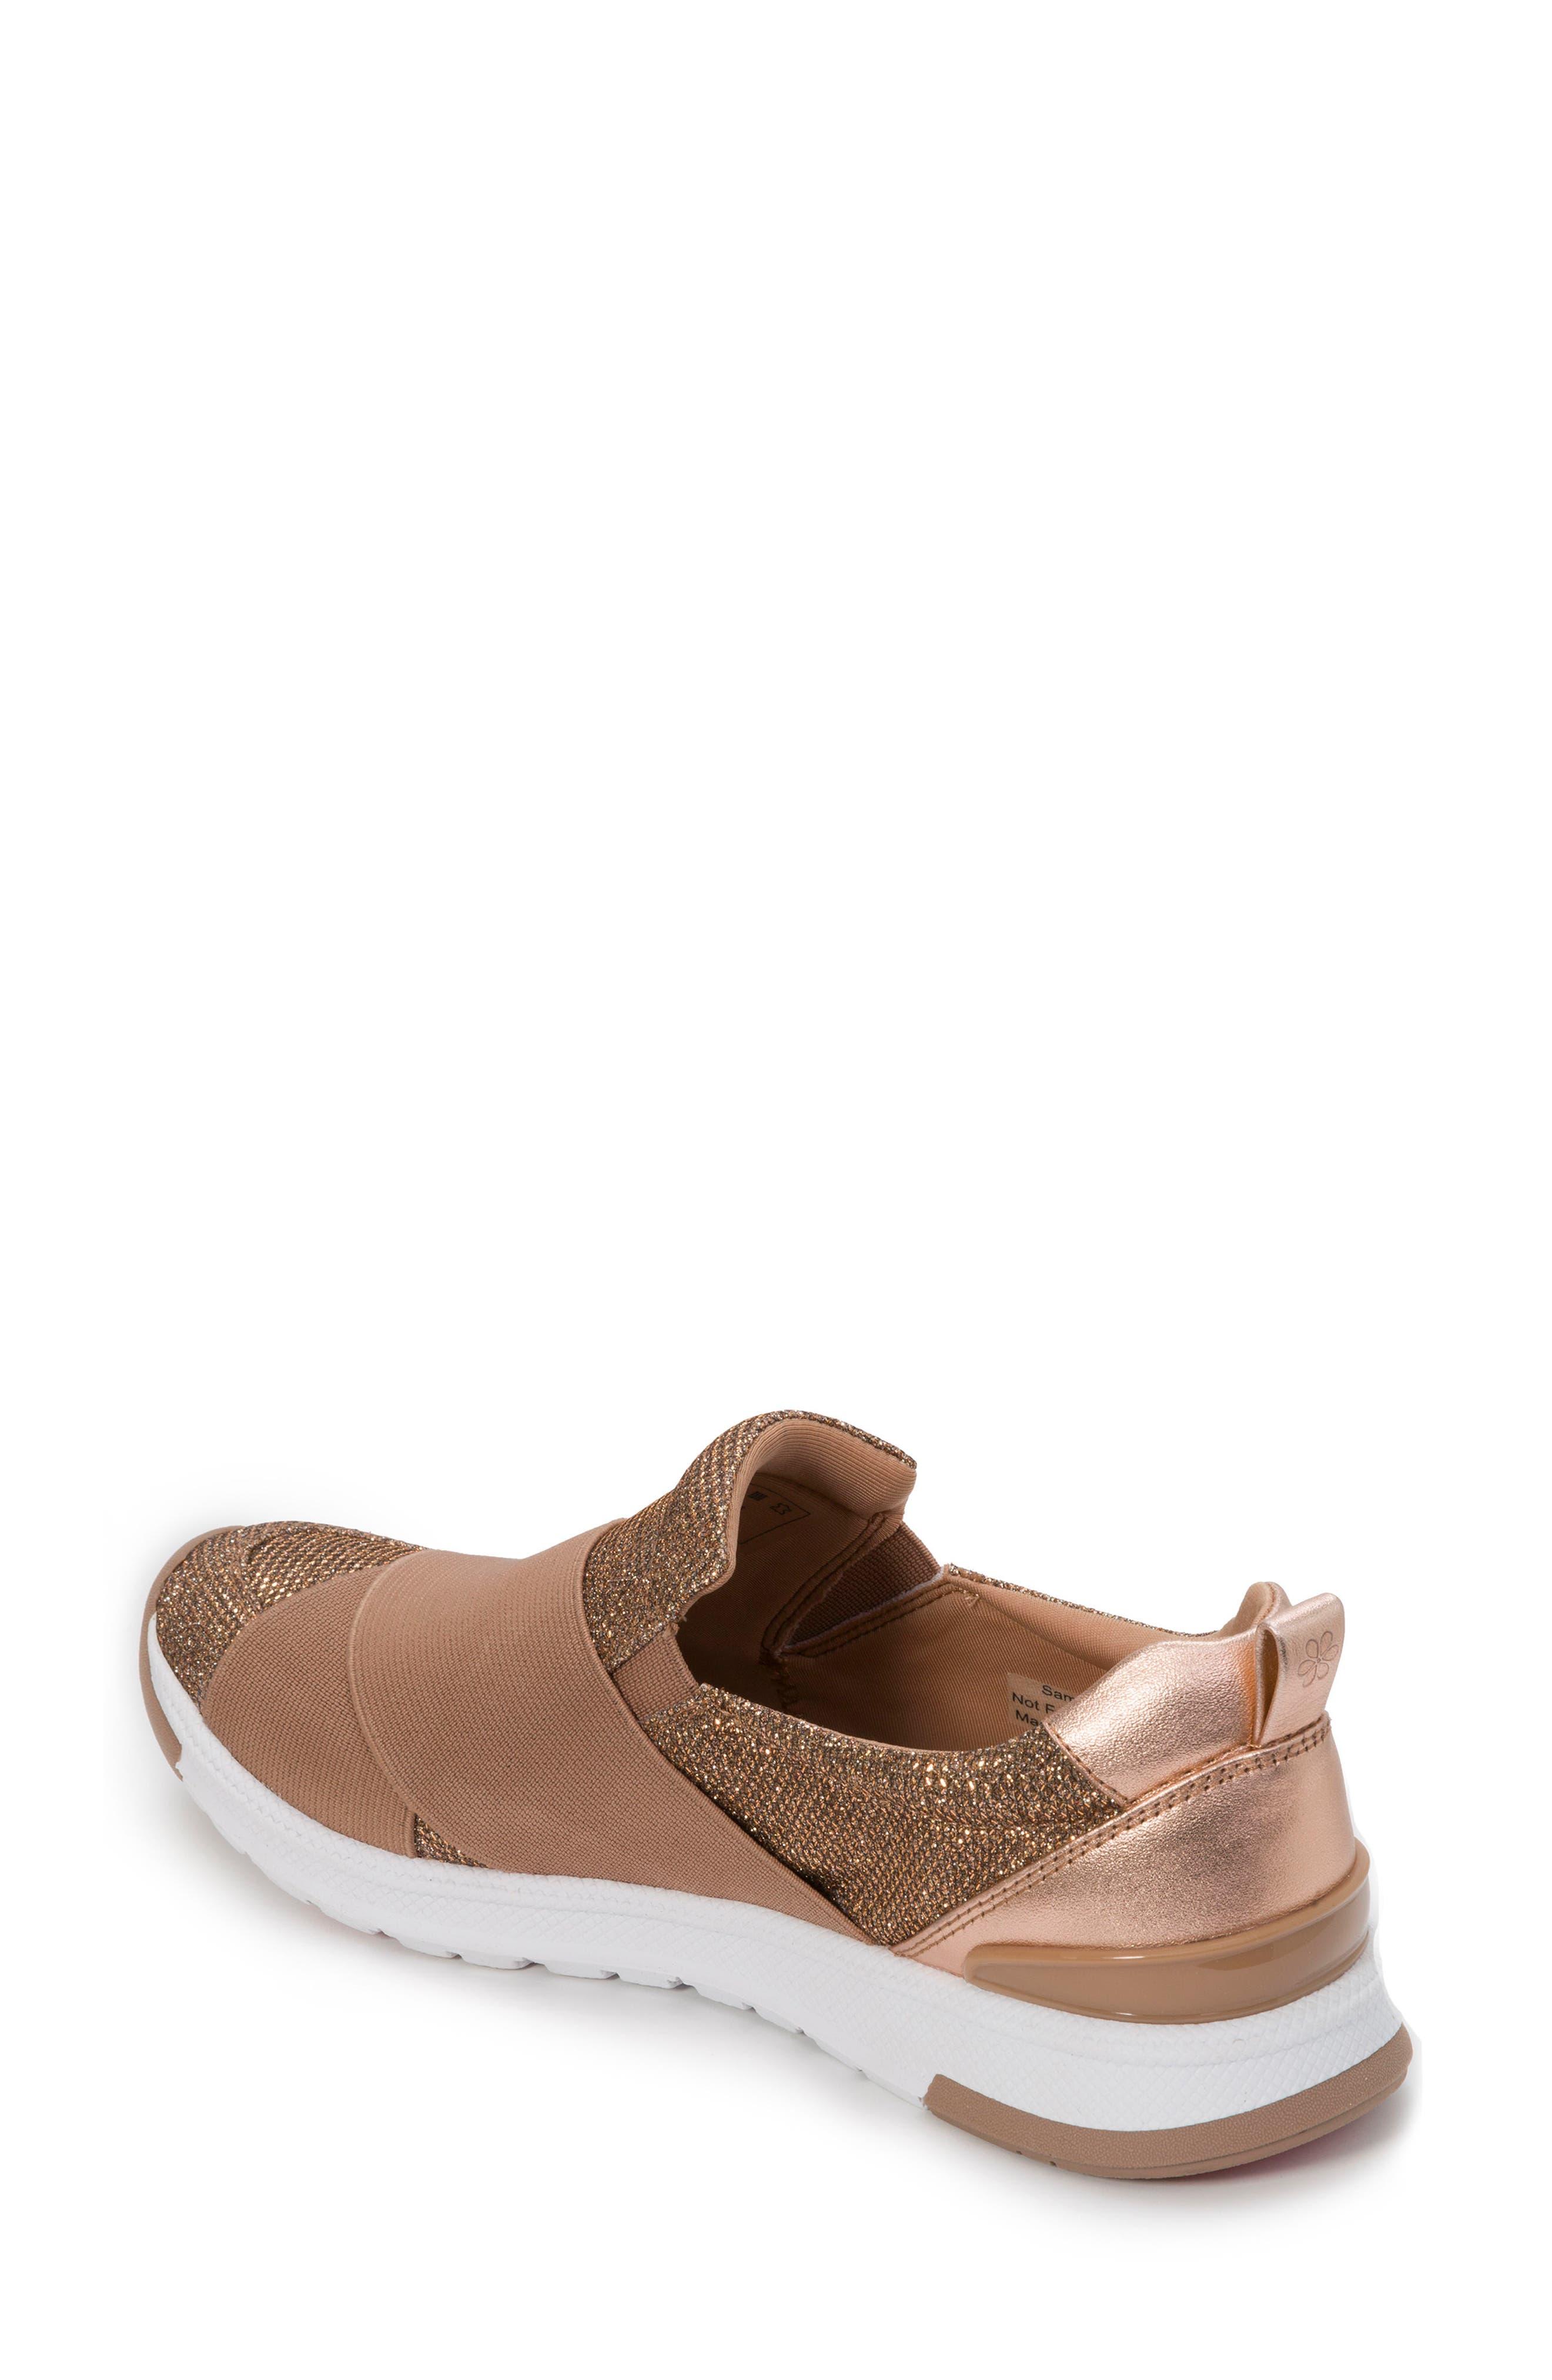 Slip-On Sneaker,                             Alternate thumbnail 2, color,                             Rose Gold Leather